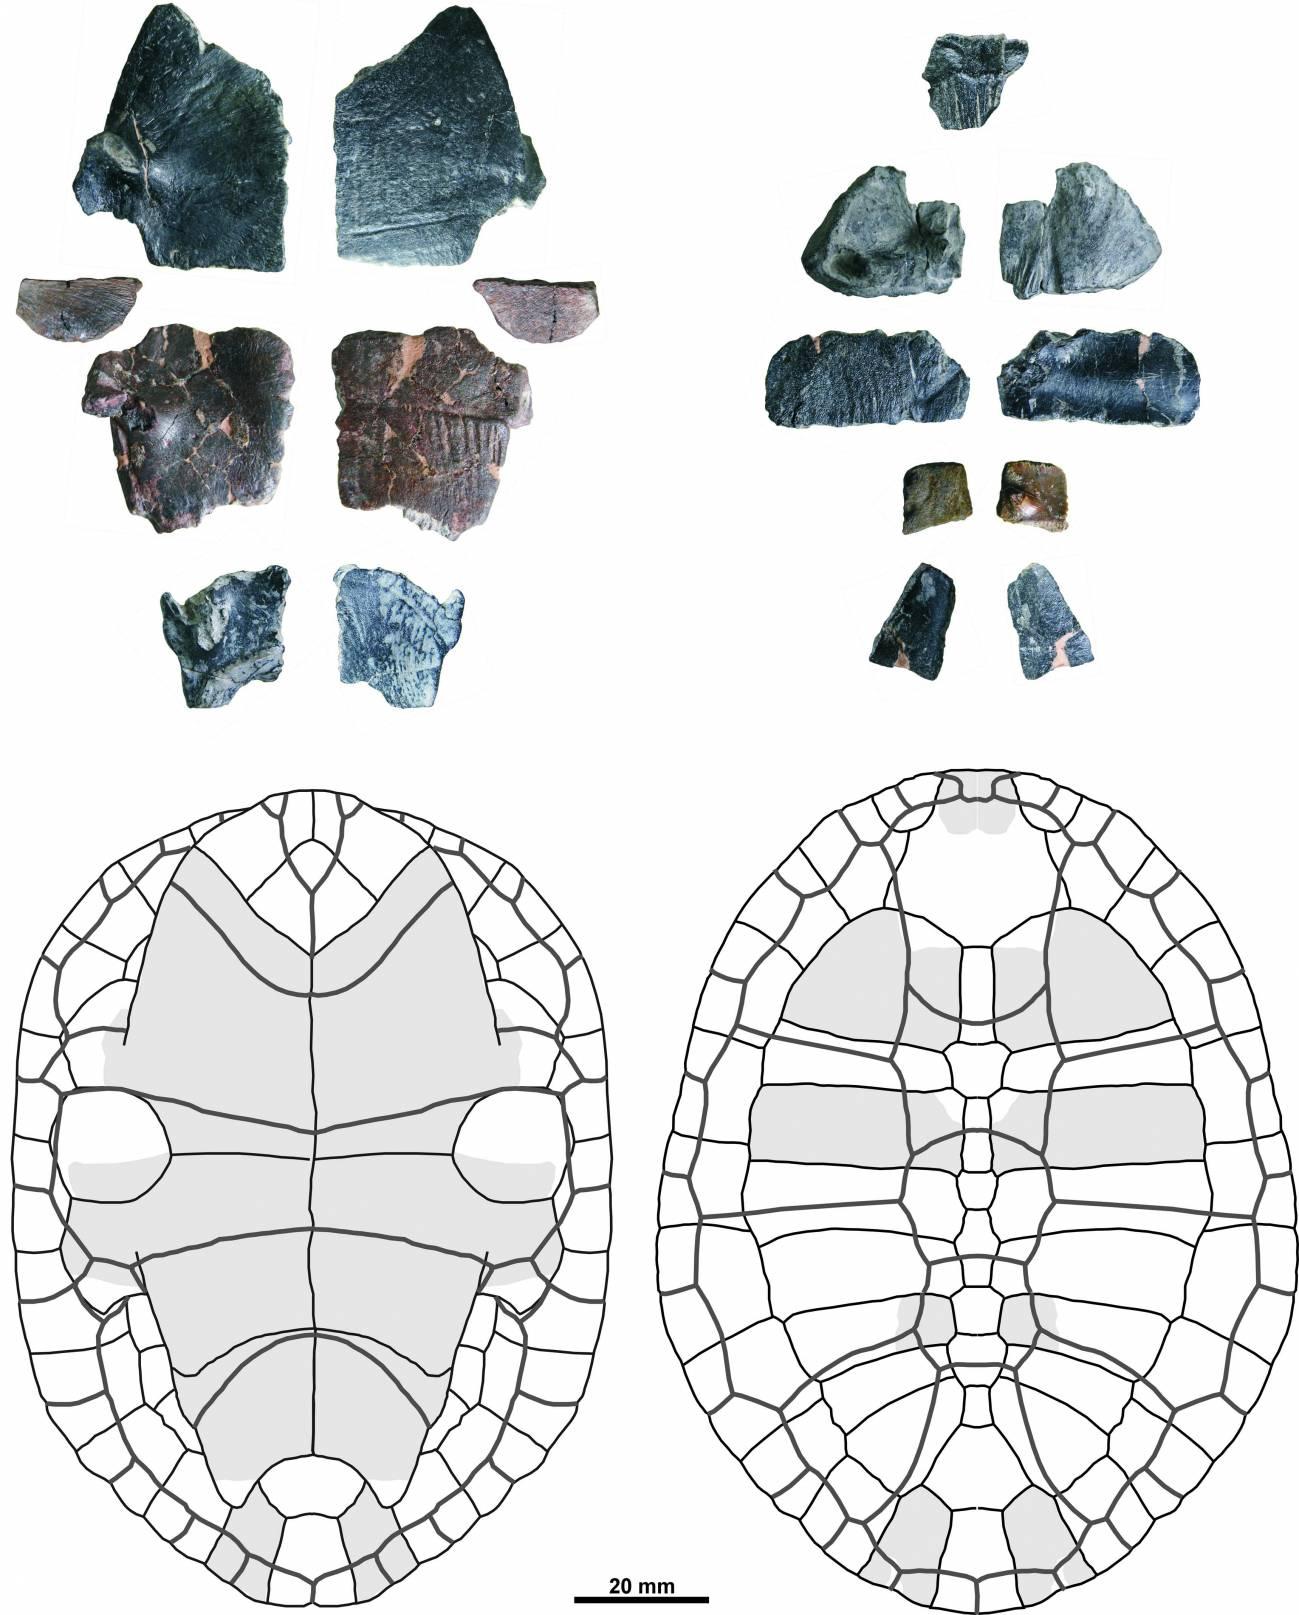 Reconstrucción de los restos del caparazón encontrados / GBE UNED.